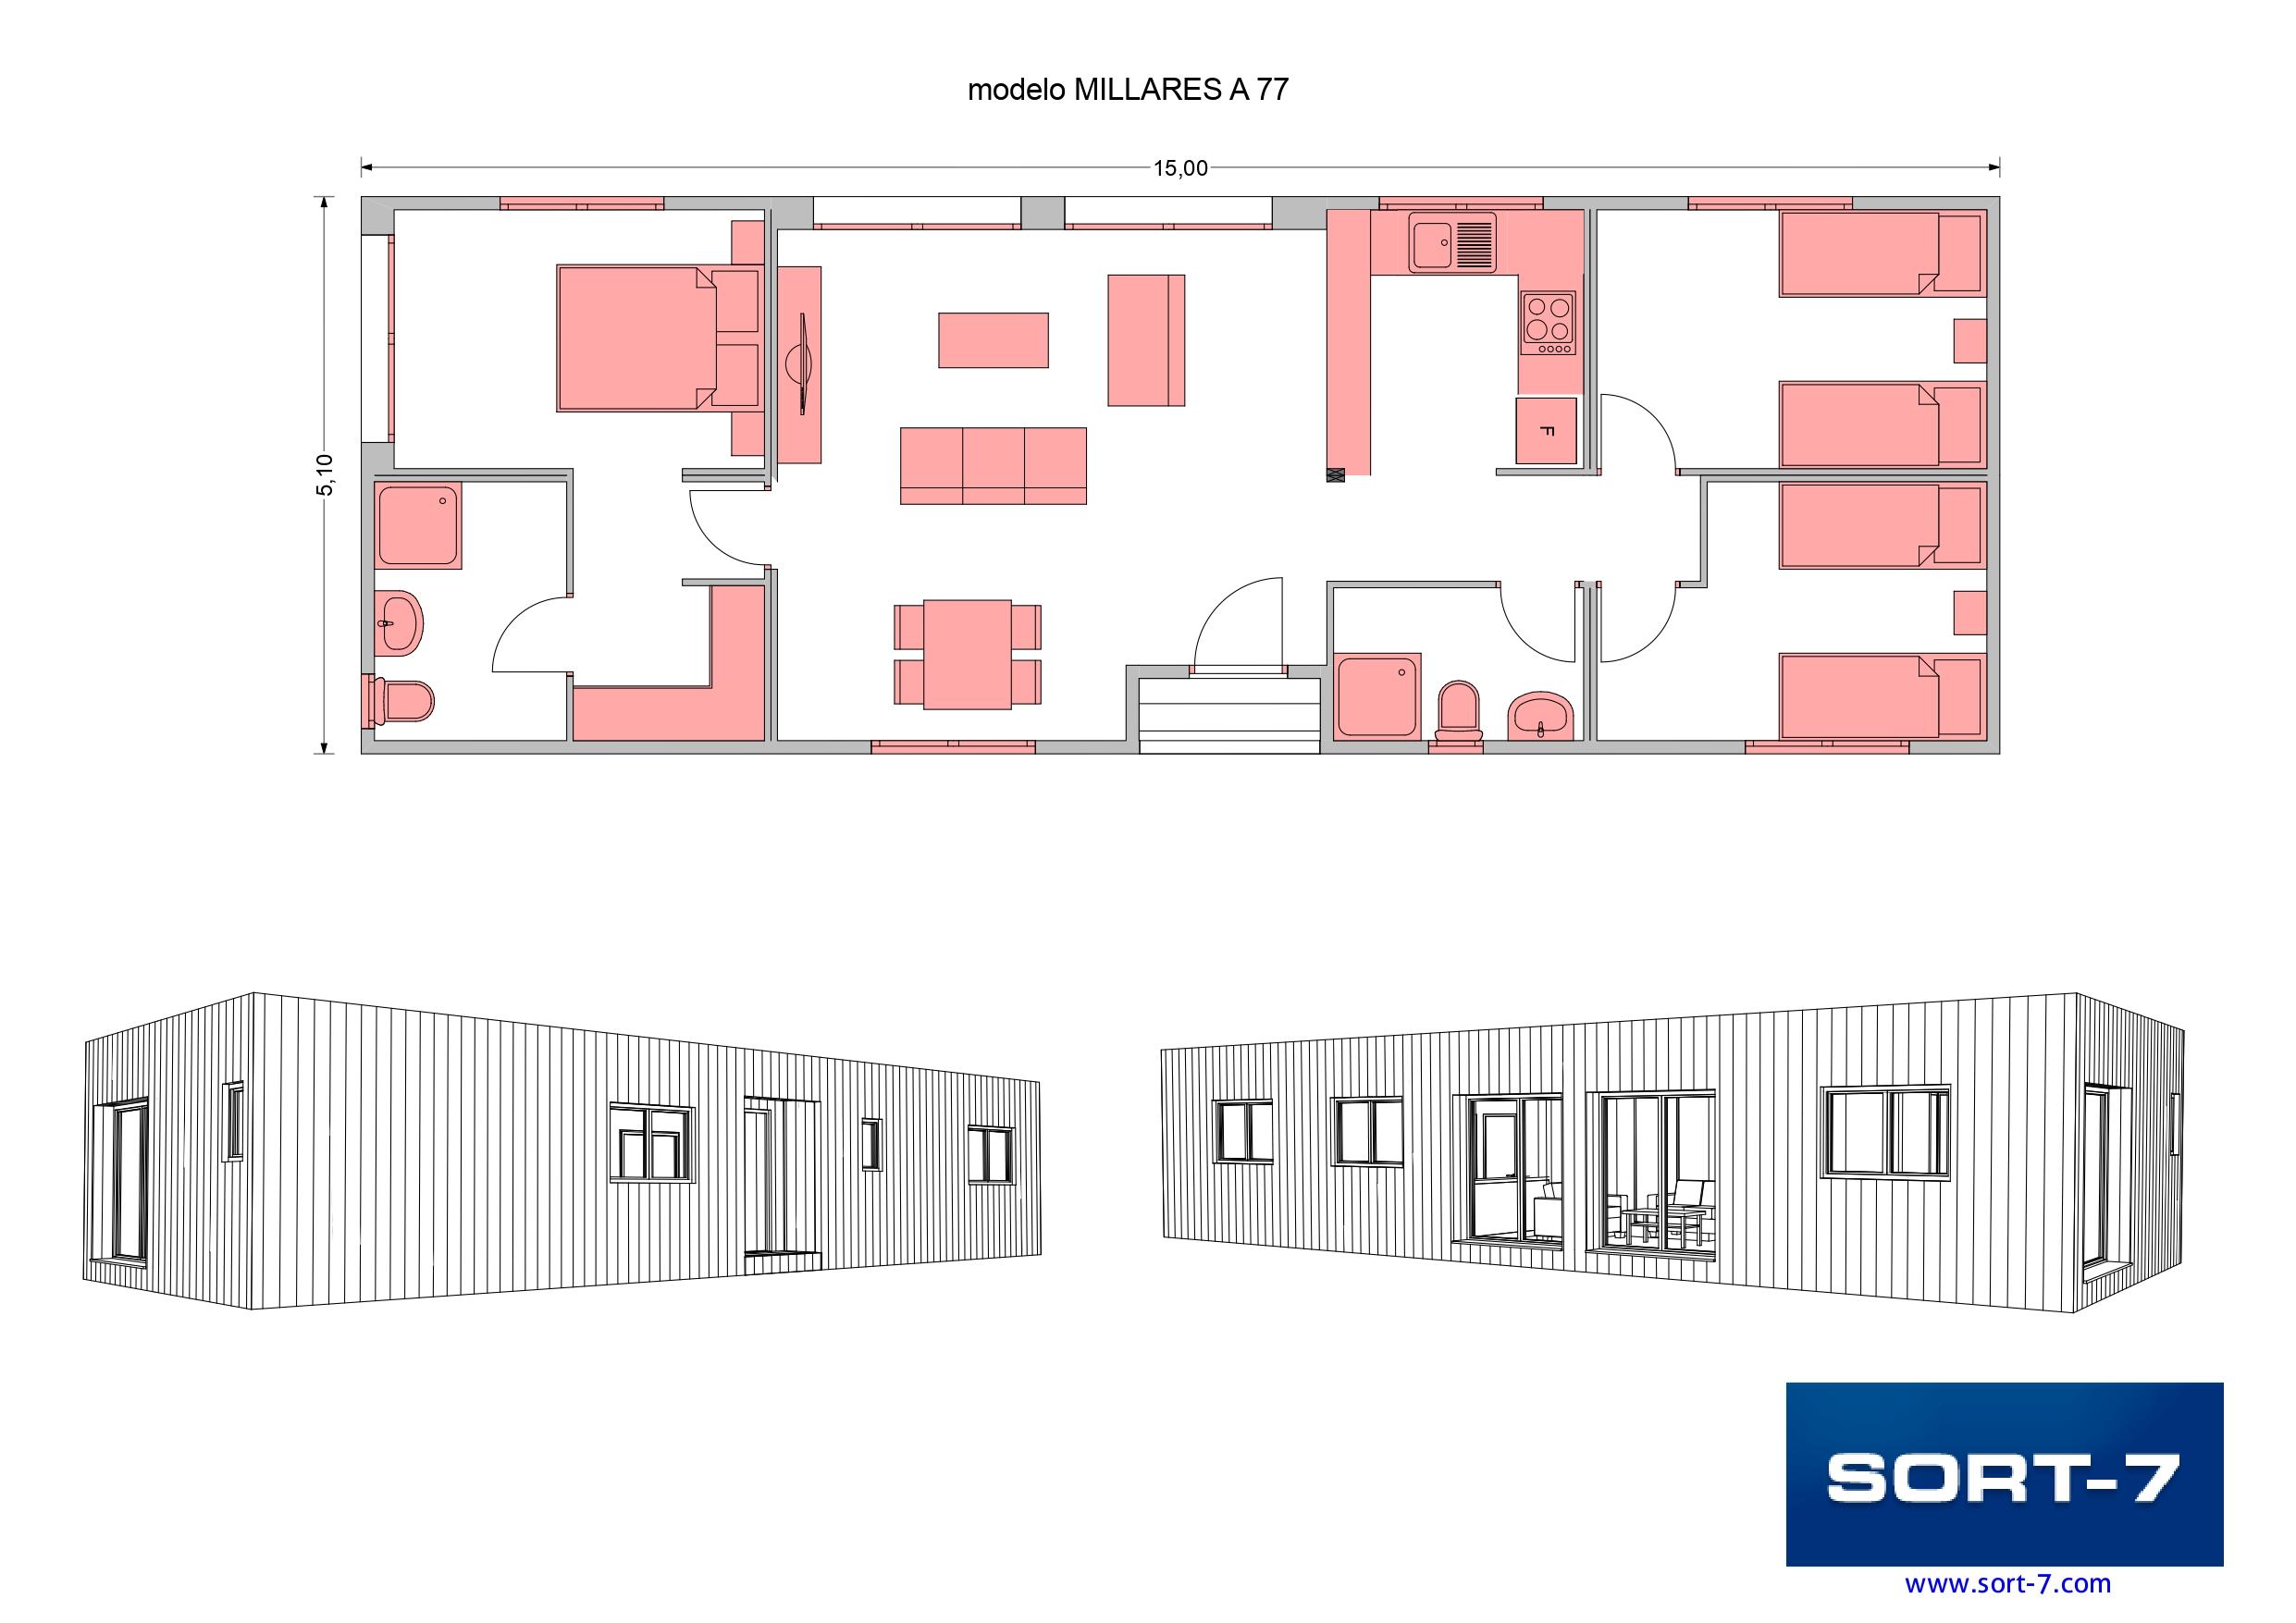 Solicitar presupuesto: Modelo 77m² Millares A - 176c6-77-MILLARES-A-vista19_page-0001.jpg